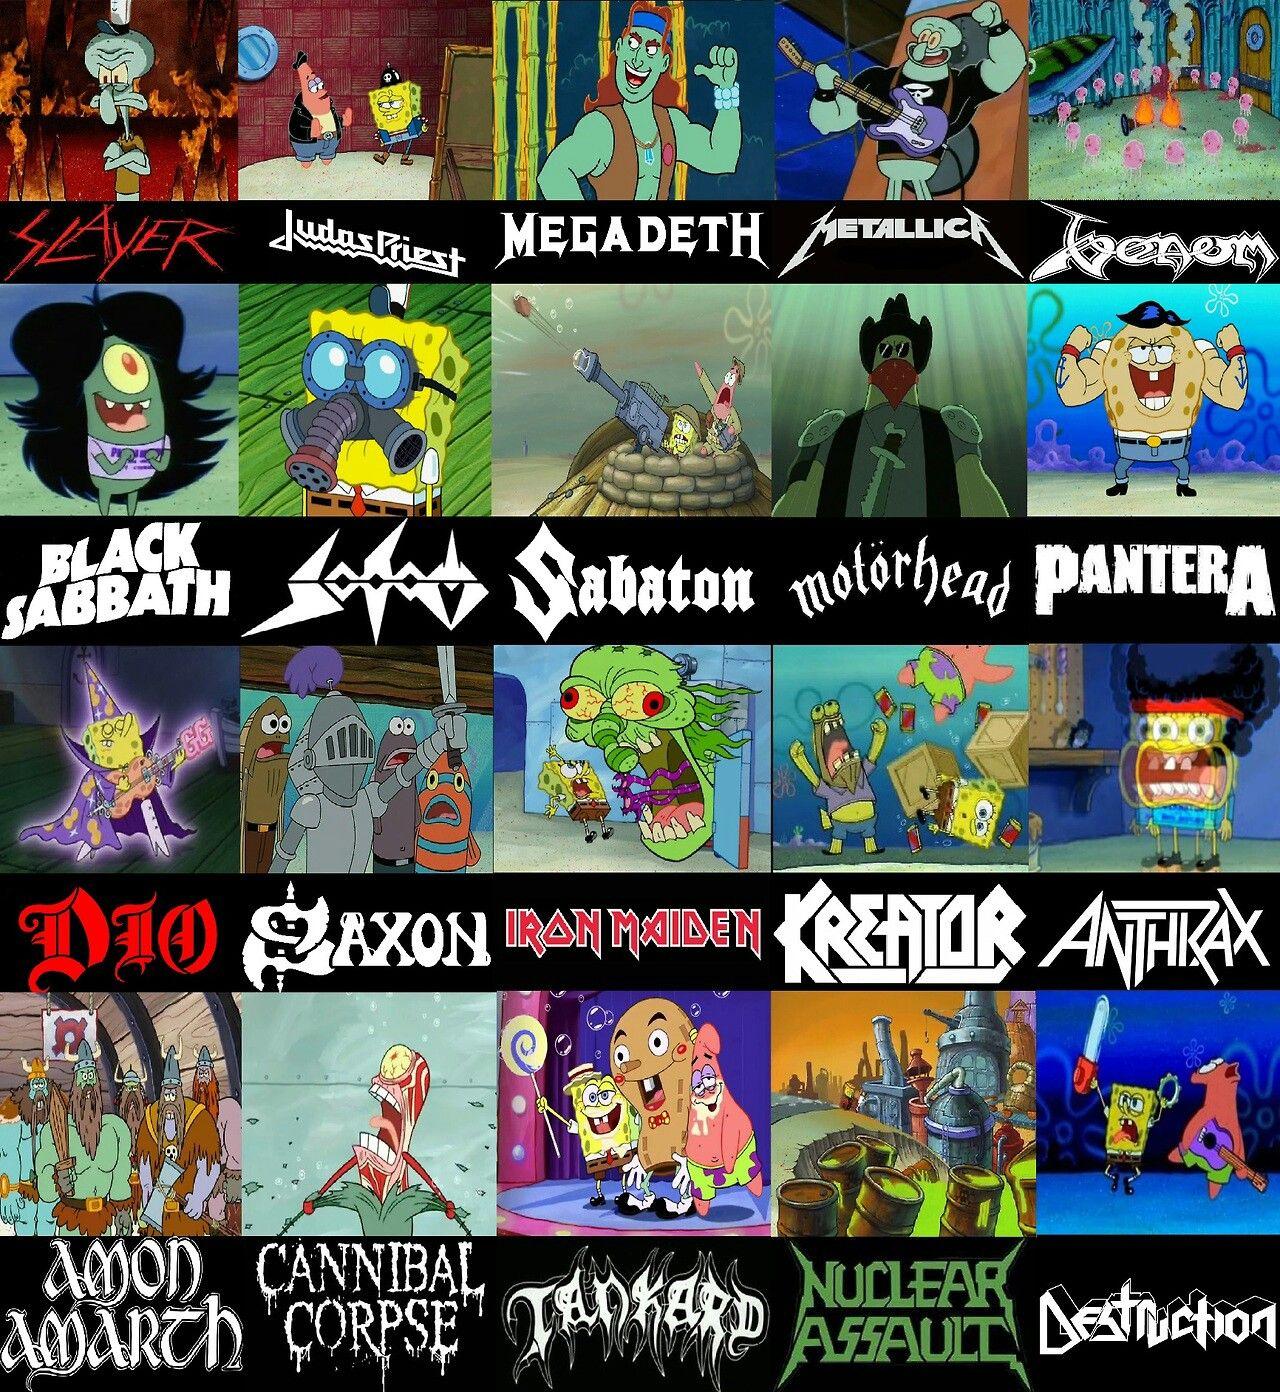 Metal as told by spongebob